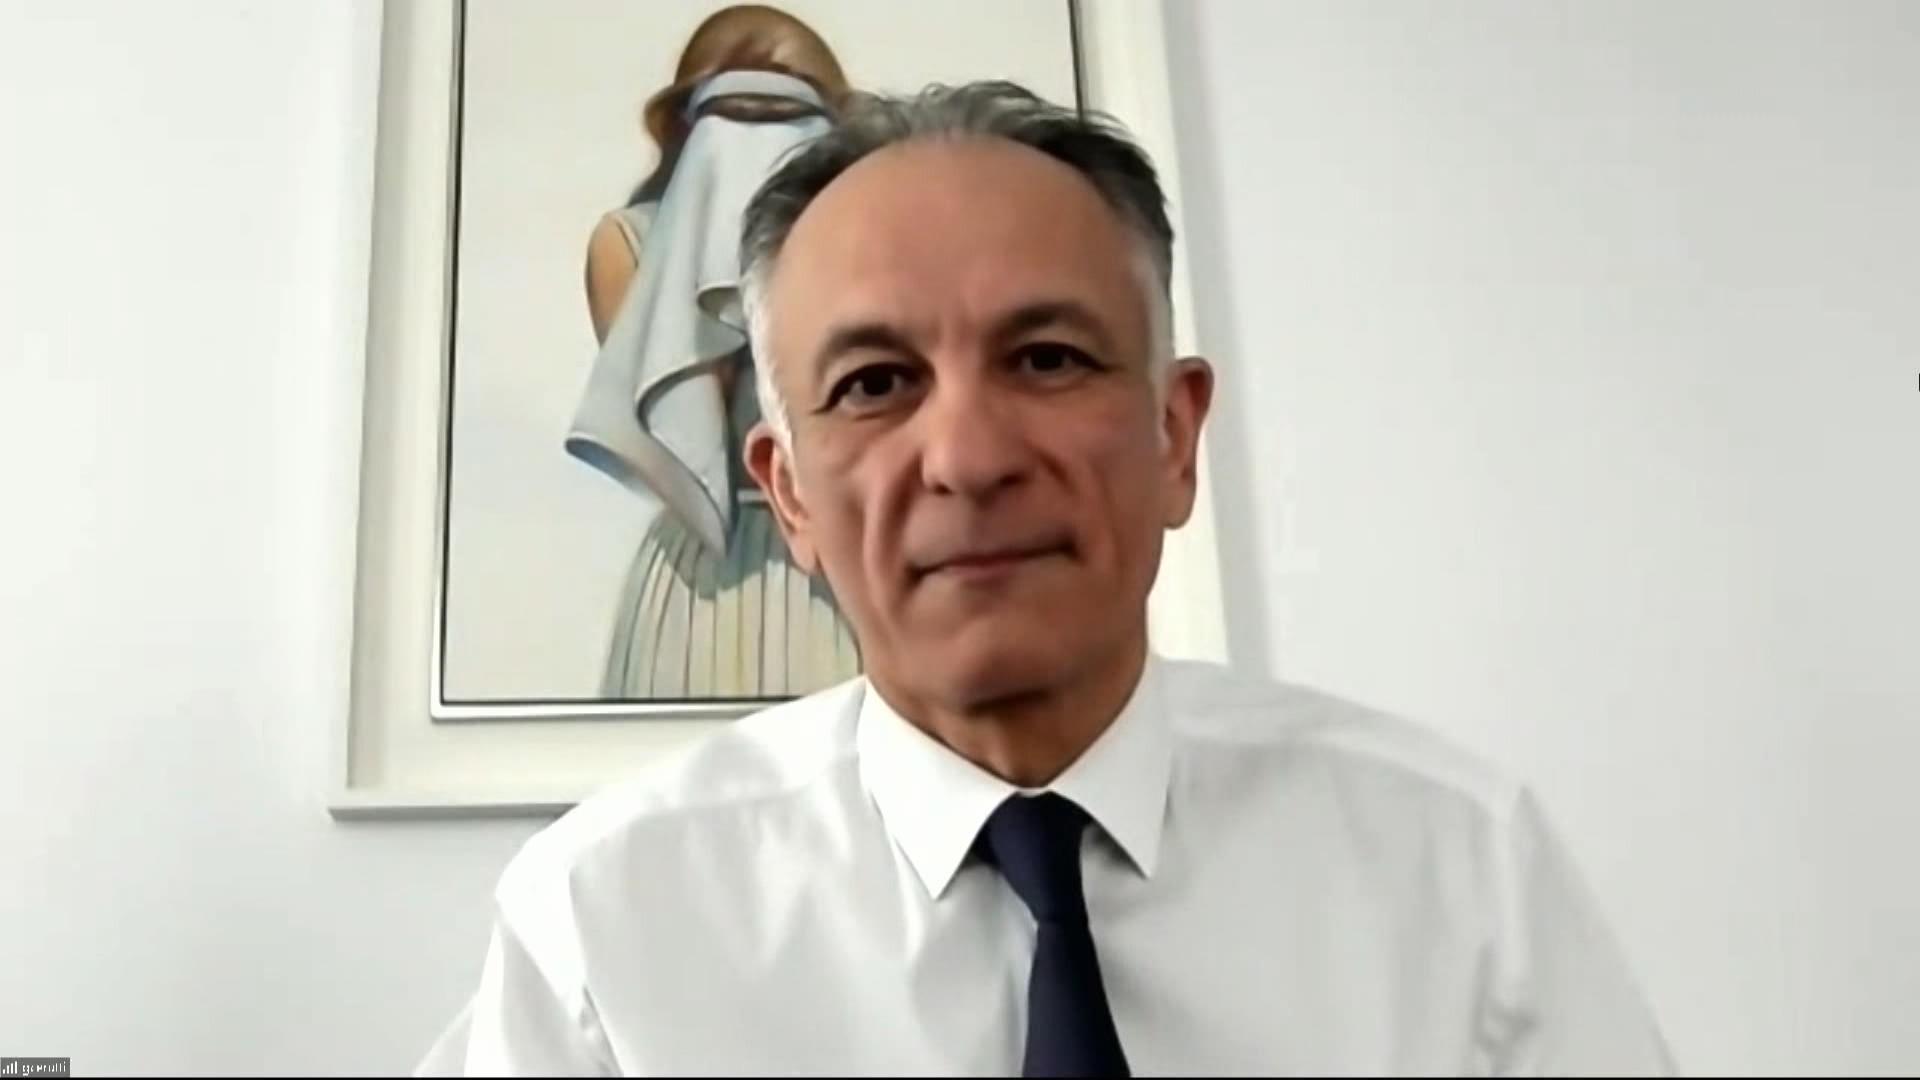 Authenticity, Uniqueness Sets Digital Art Value: Christie's CEO